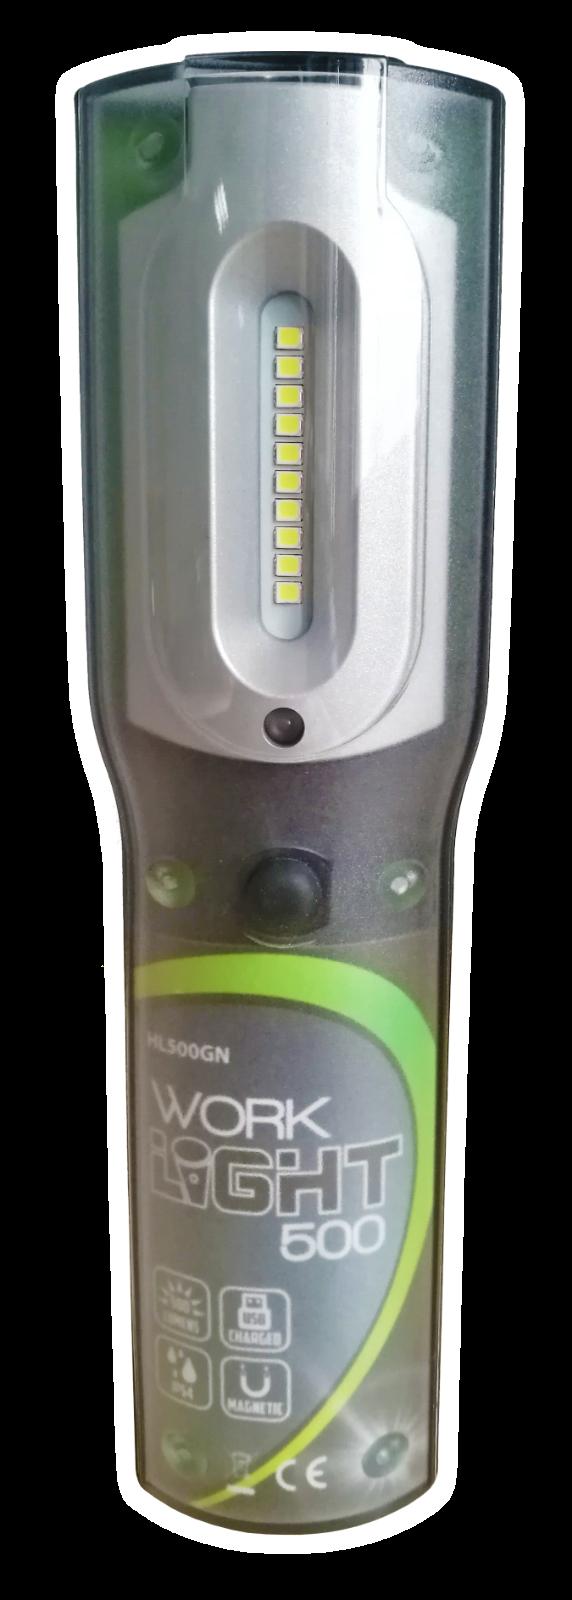 Trident struuominitos Riautoicabile ad Alta Potenza LED Luce Da Lavoro verde 500 LUuomini